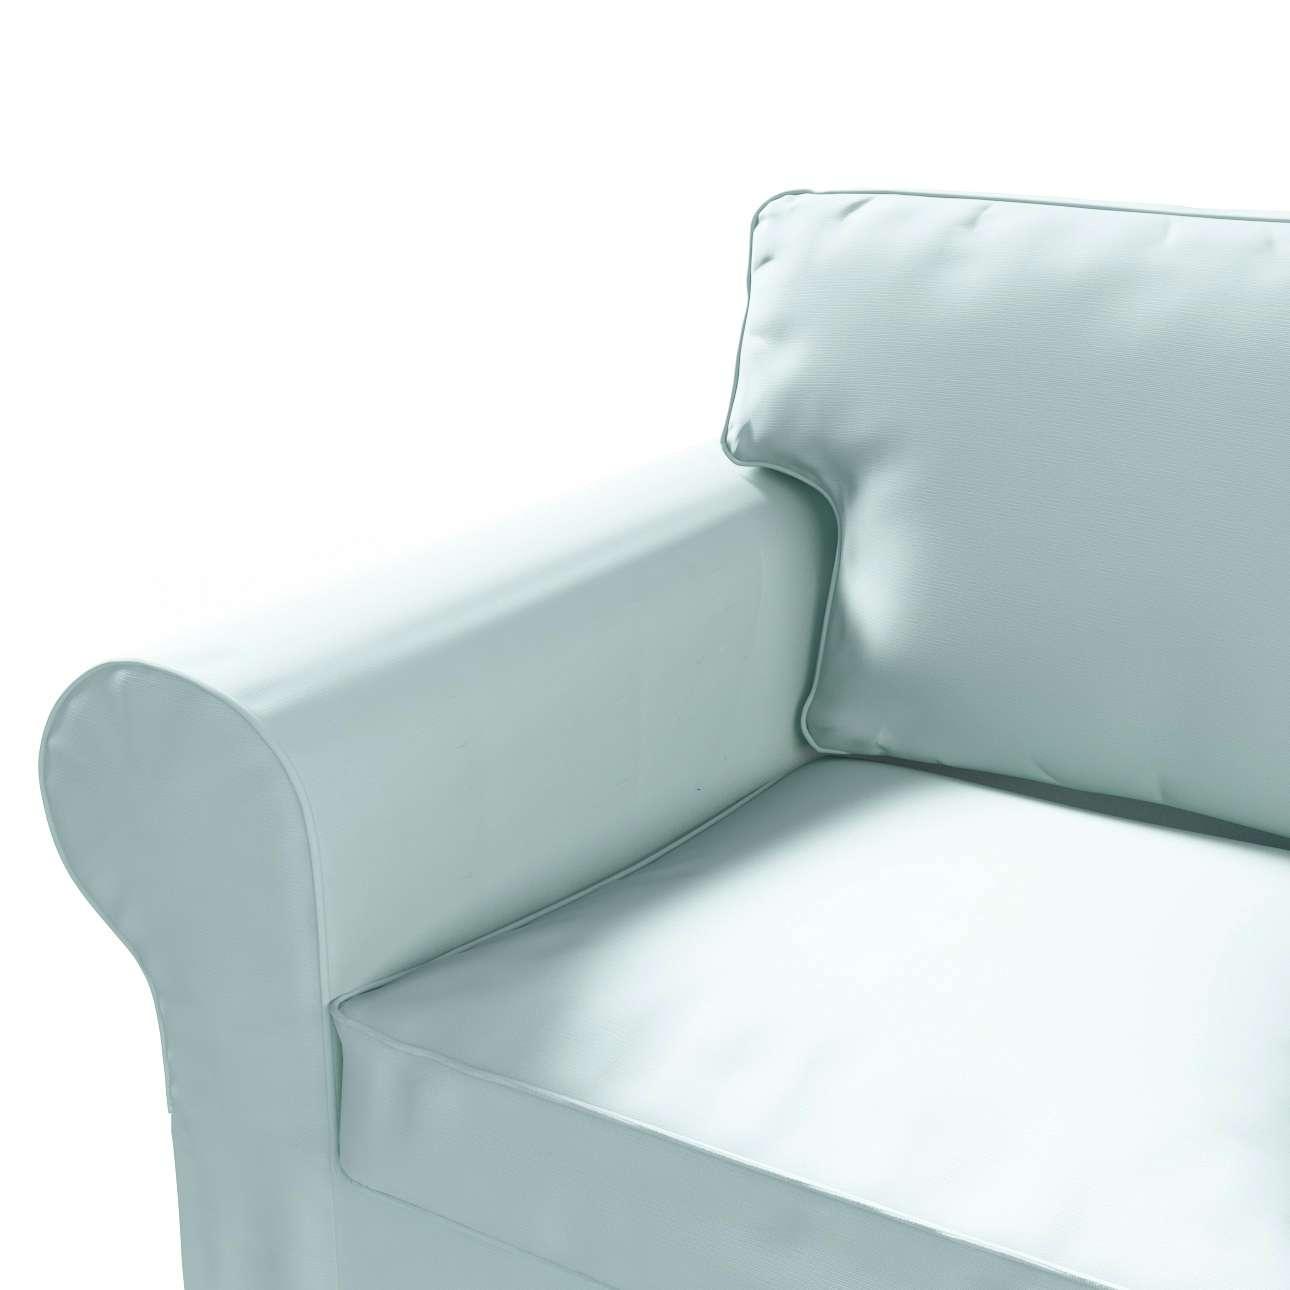 Potah na pohovku IKEA Ektorp 2-místná rozkládací  NOVÝ MODEL 2012 Ektorp 2012 v kolekci Cotton Panama, látka: 702-10